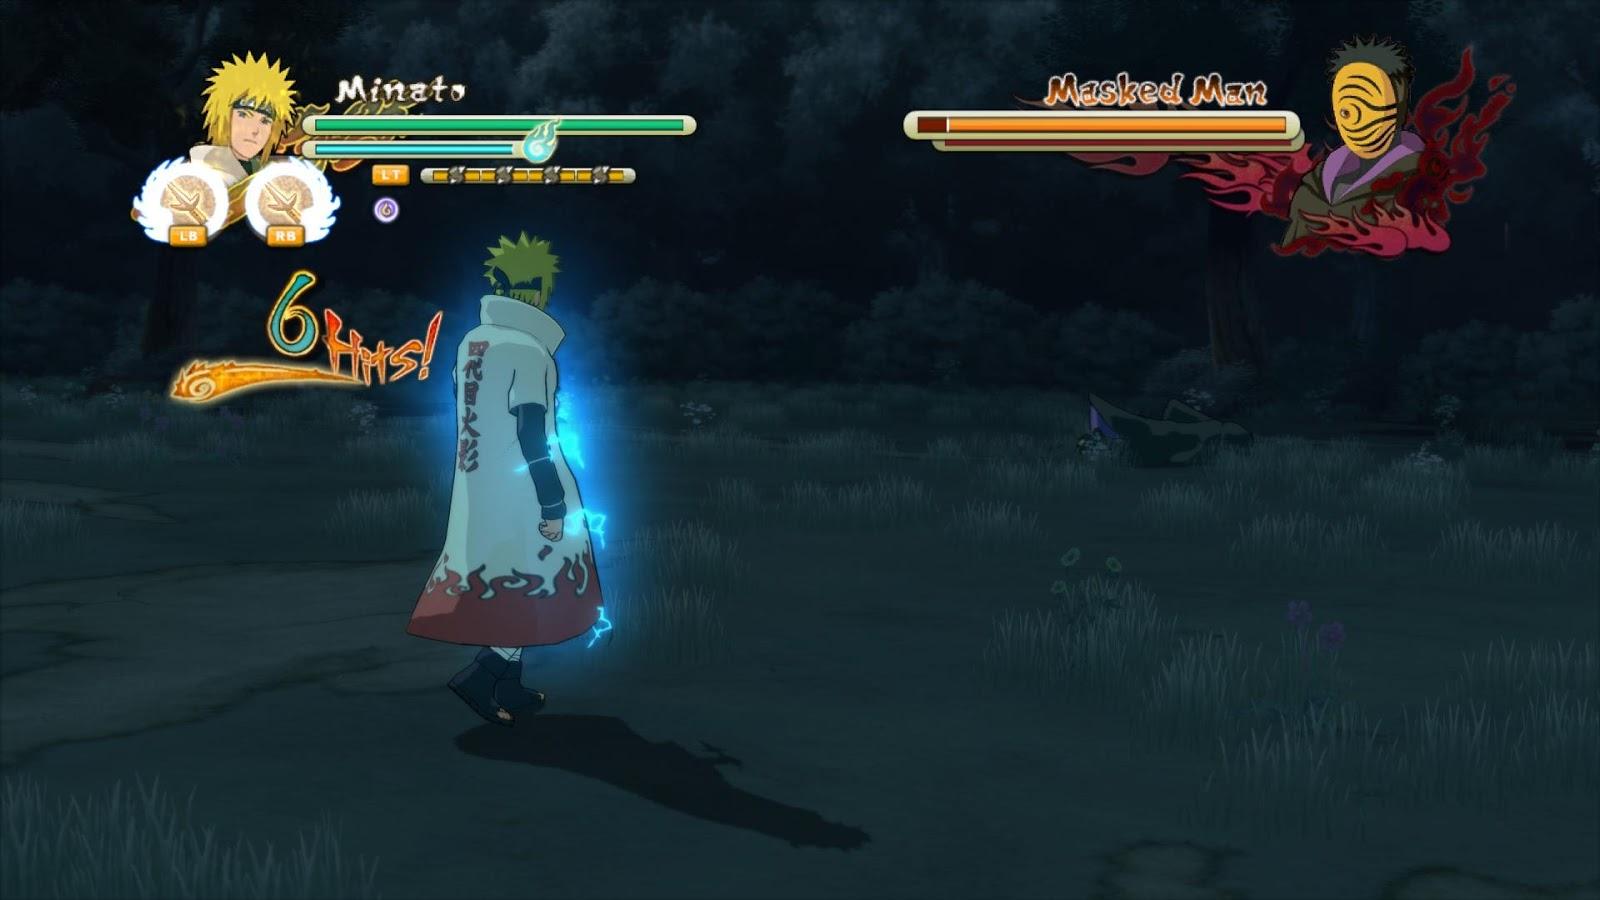 Download Game Naruto Konoha Senki